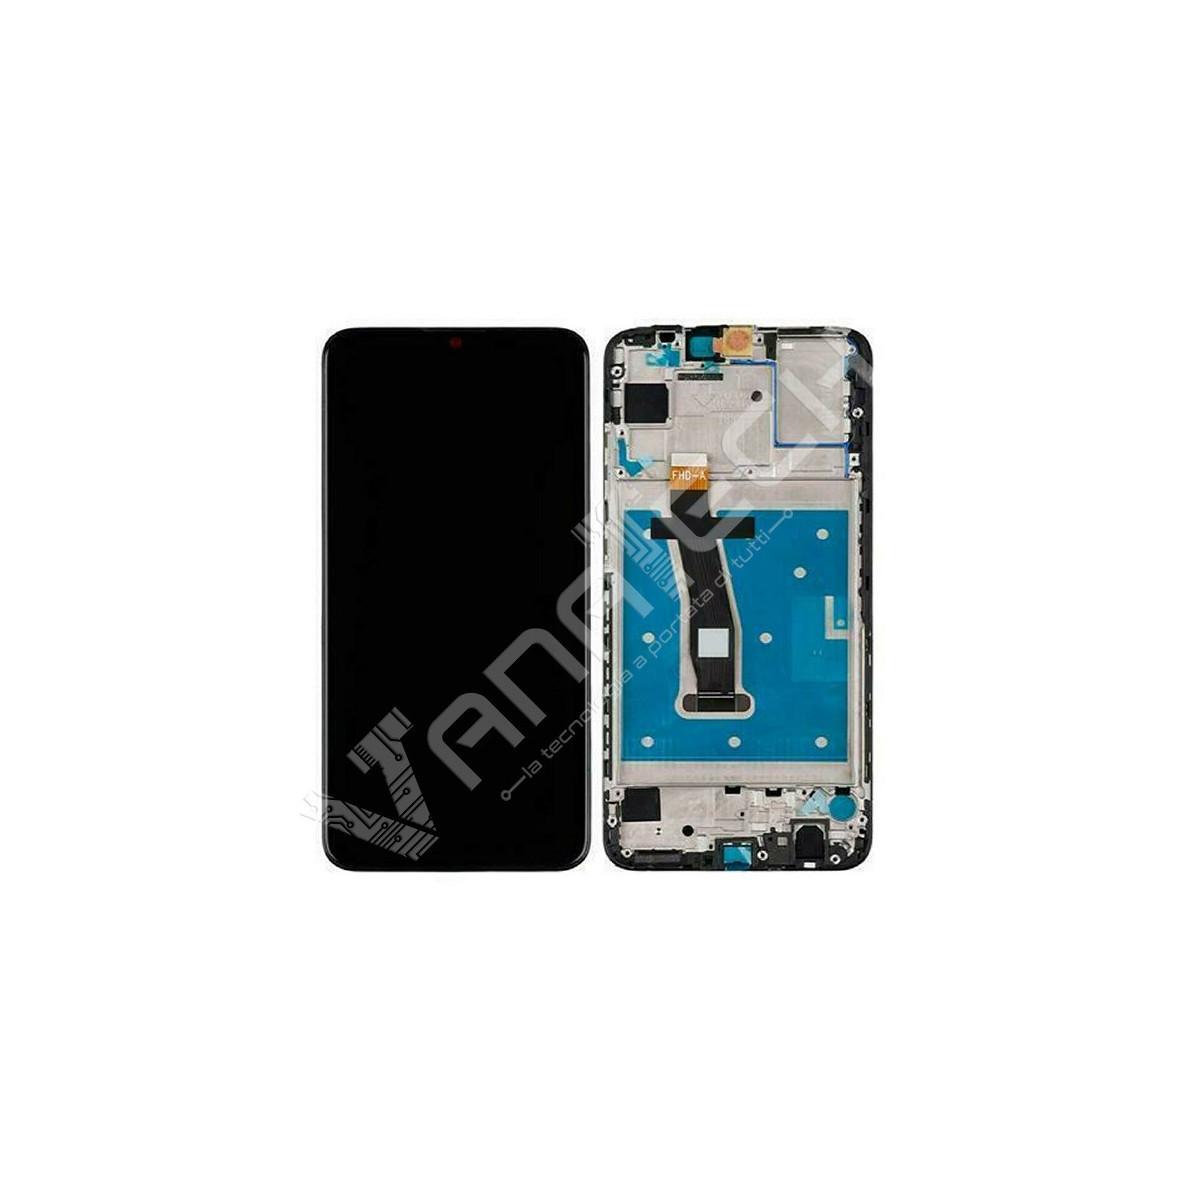 BACK COVER SCOCCA POSTERIORE ARGENTO RICAMBIO PER IPHONE 7 7G COMPLETA SILVER